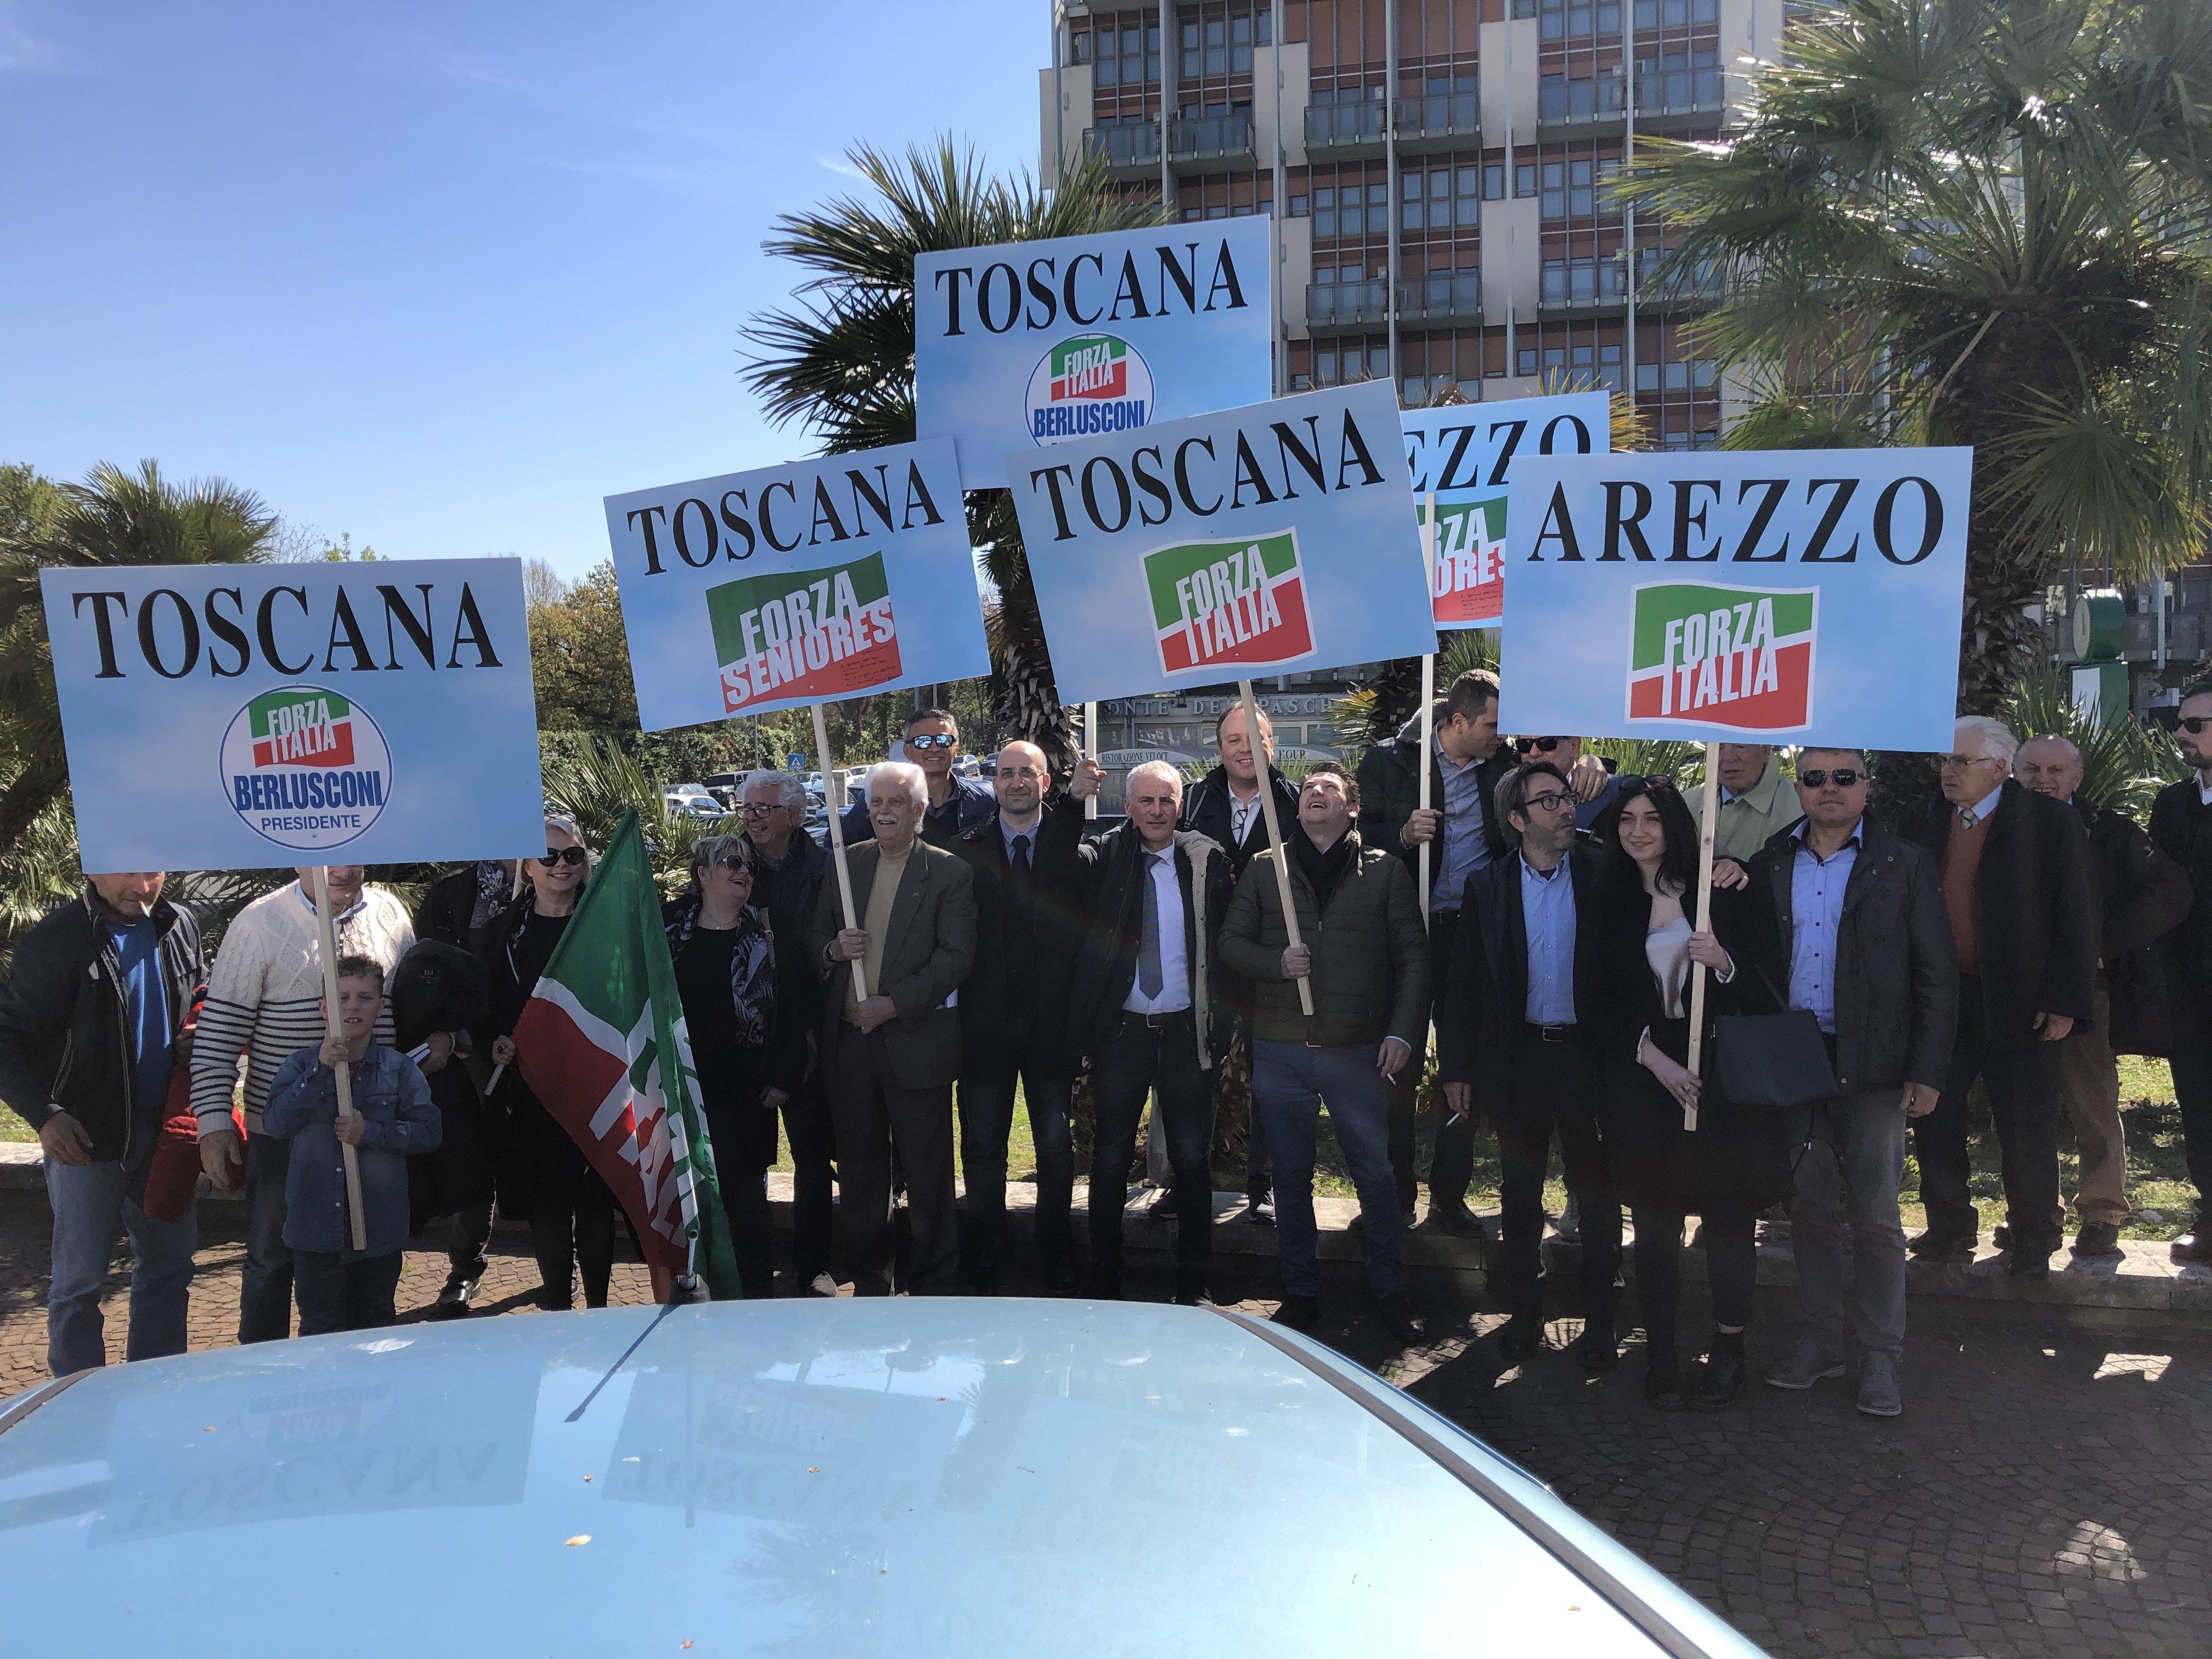 Assemblea Nazionale: Arezzo c'è! 18